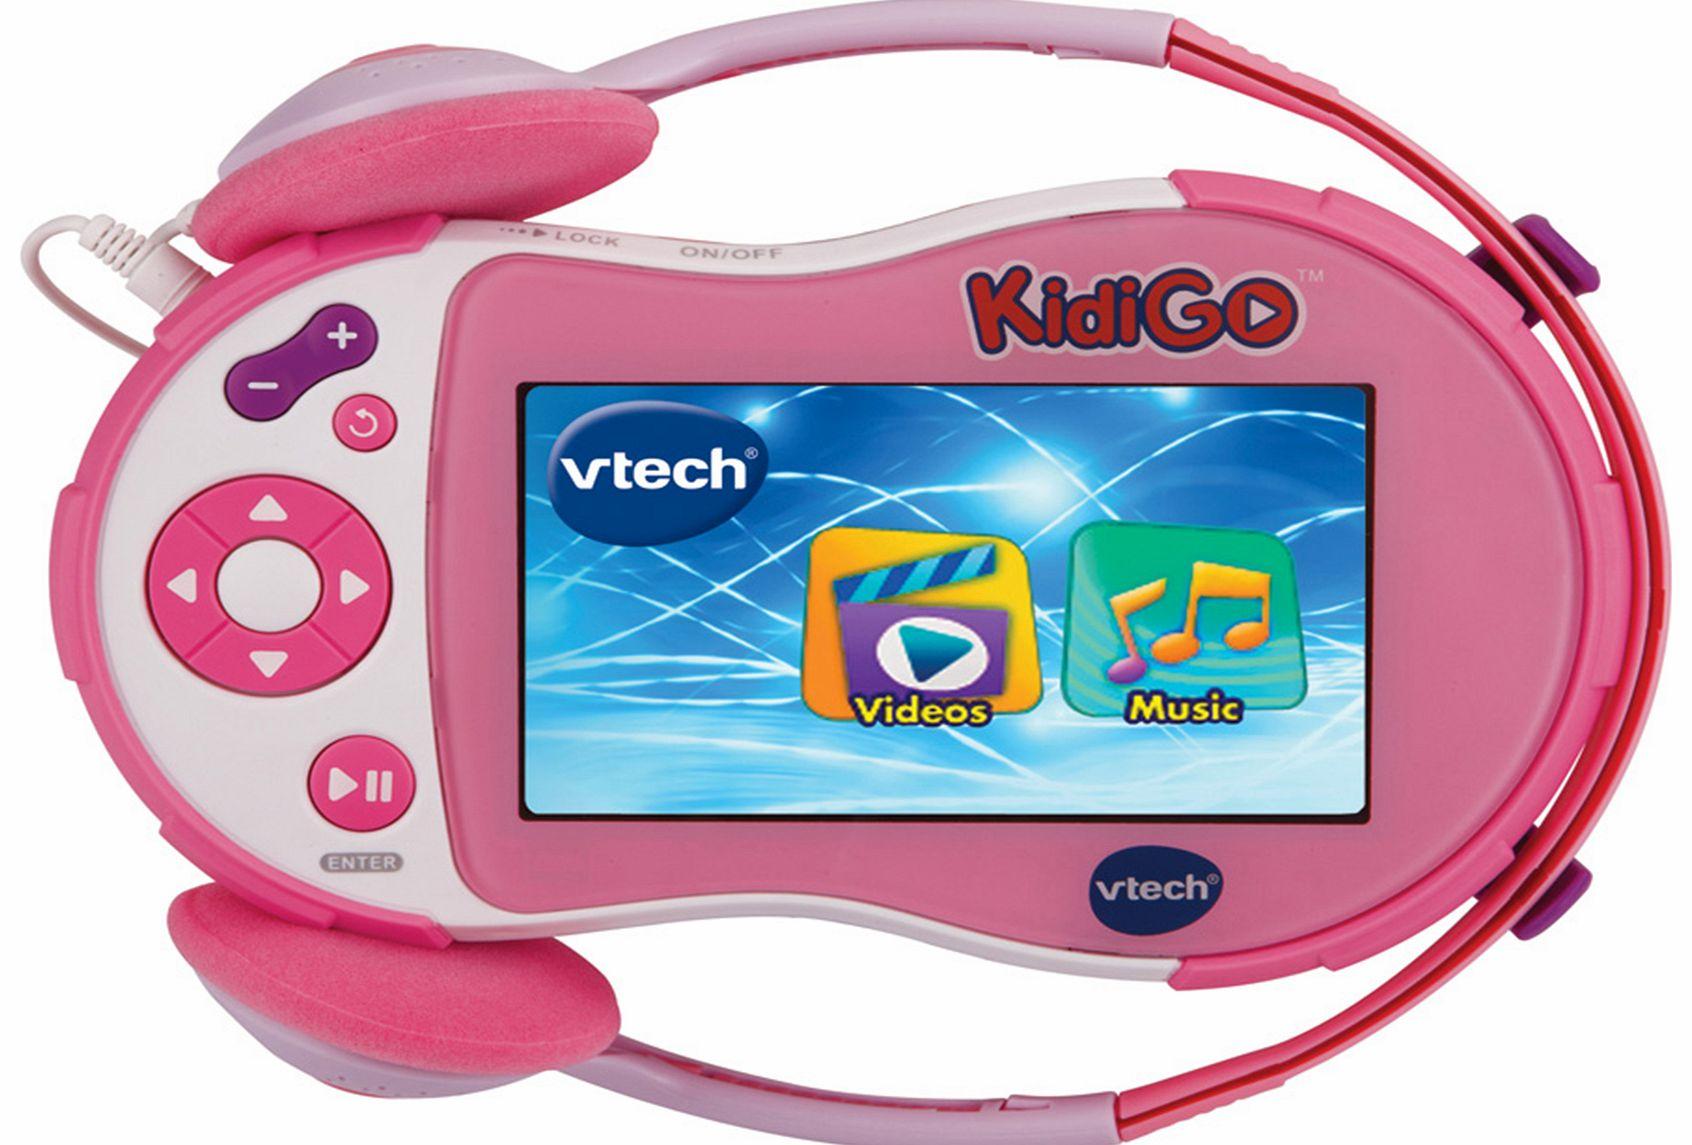 Superb img of vtech kidigo pink vtech kidigo blue vtech my little letter with #103F79 color and 1692x1145 pixels